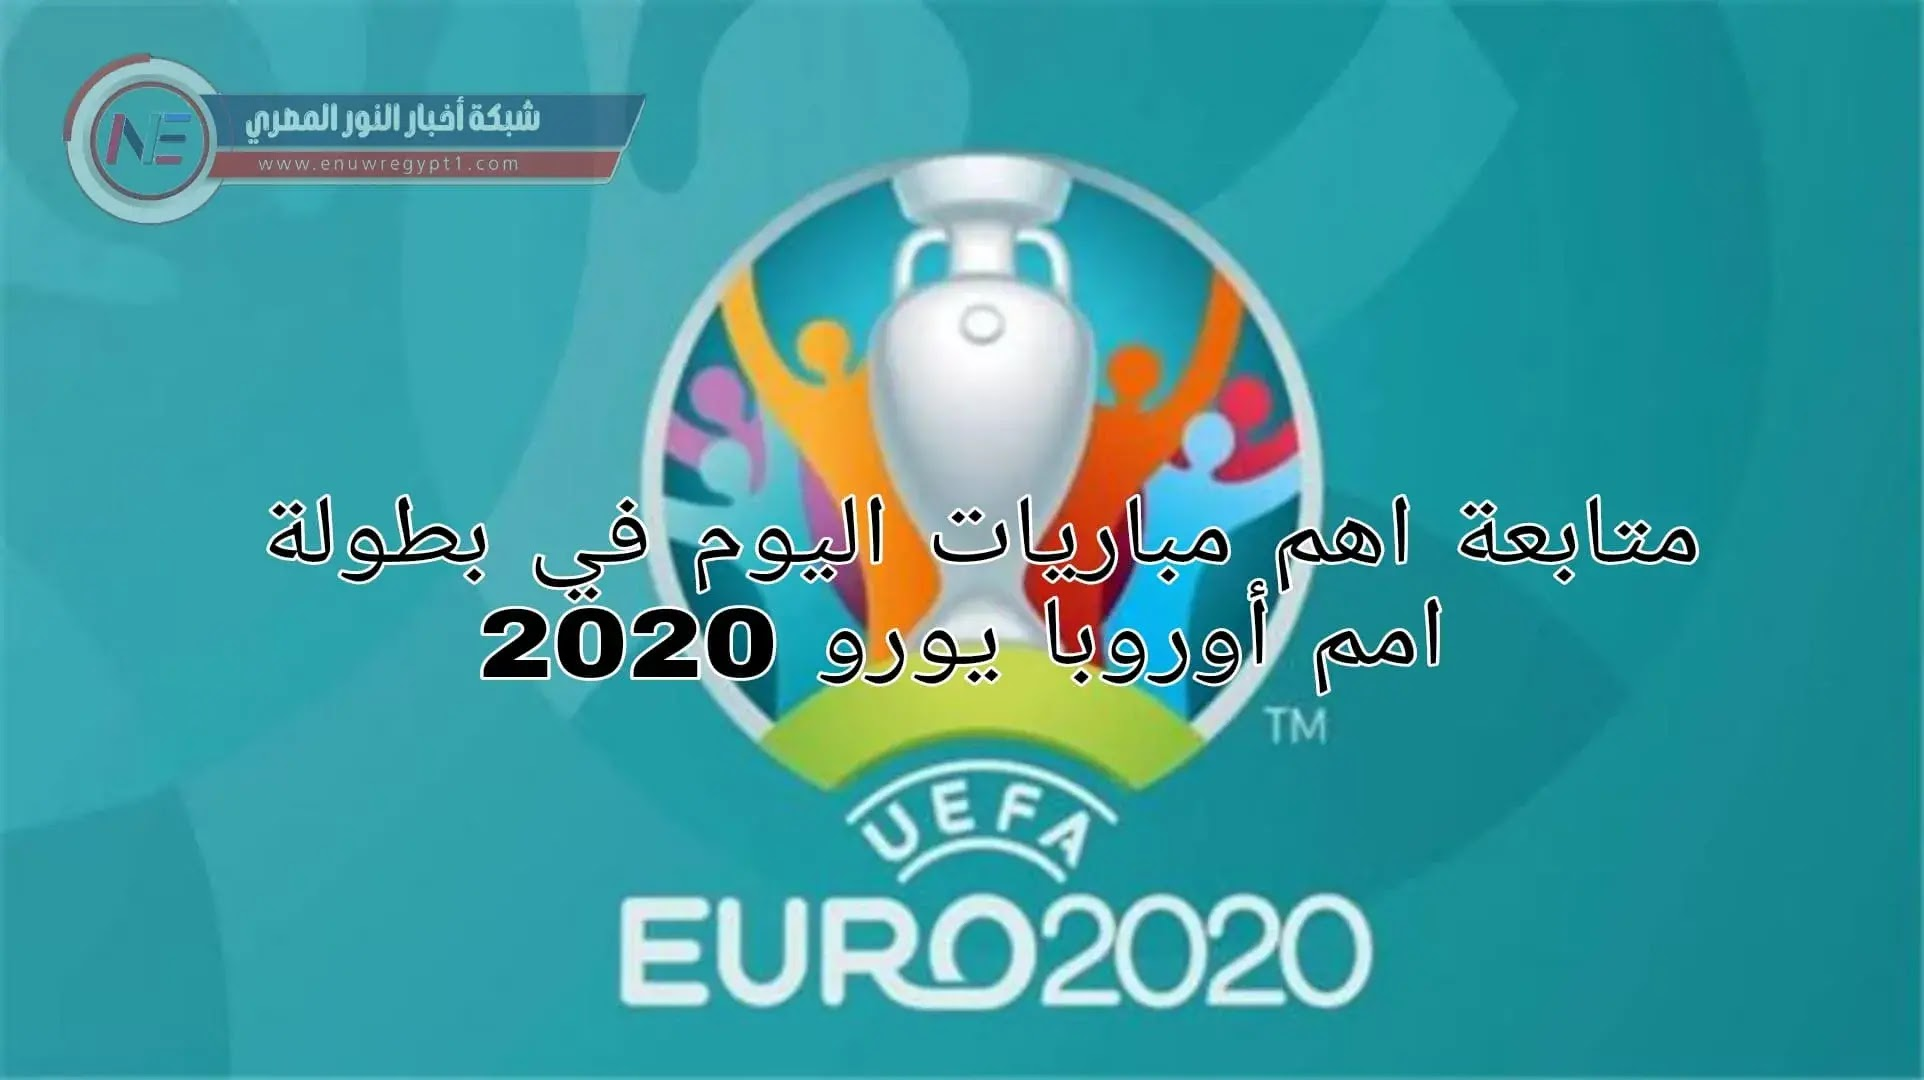 متابعة اهم مباريات اليوم في بطولة امم أوروبا استقبل تردد القنوات المفتوحة الناقلة لمباريات يورو 2020